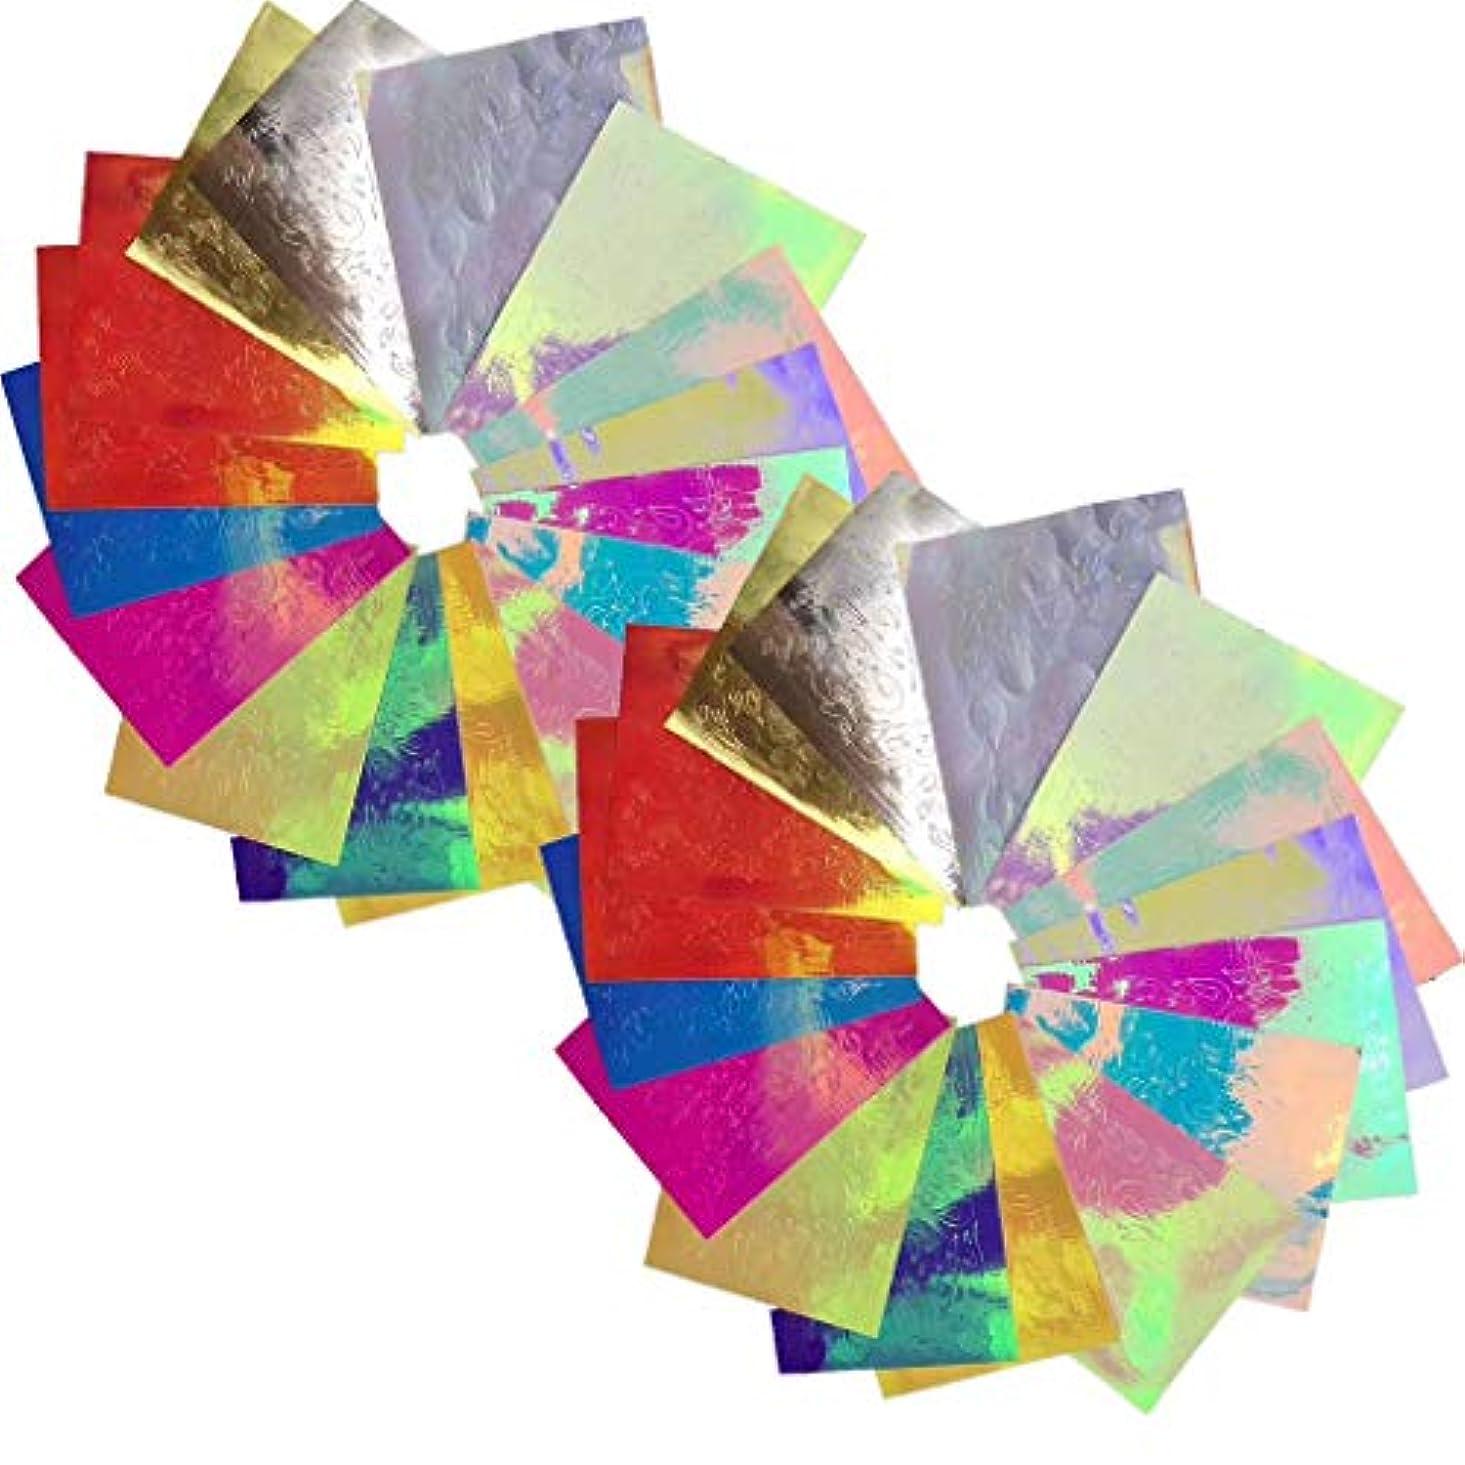 ランチお誕生日回復topshop ネイルステッカー貼るだけマニキュア ネイルアート ネイルラップ ネイルアクセサリー女性 レディースプレゼント ギフト 可愛い 人気 おしゃれな上級ネイルシール (8 PCS A)